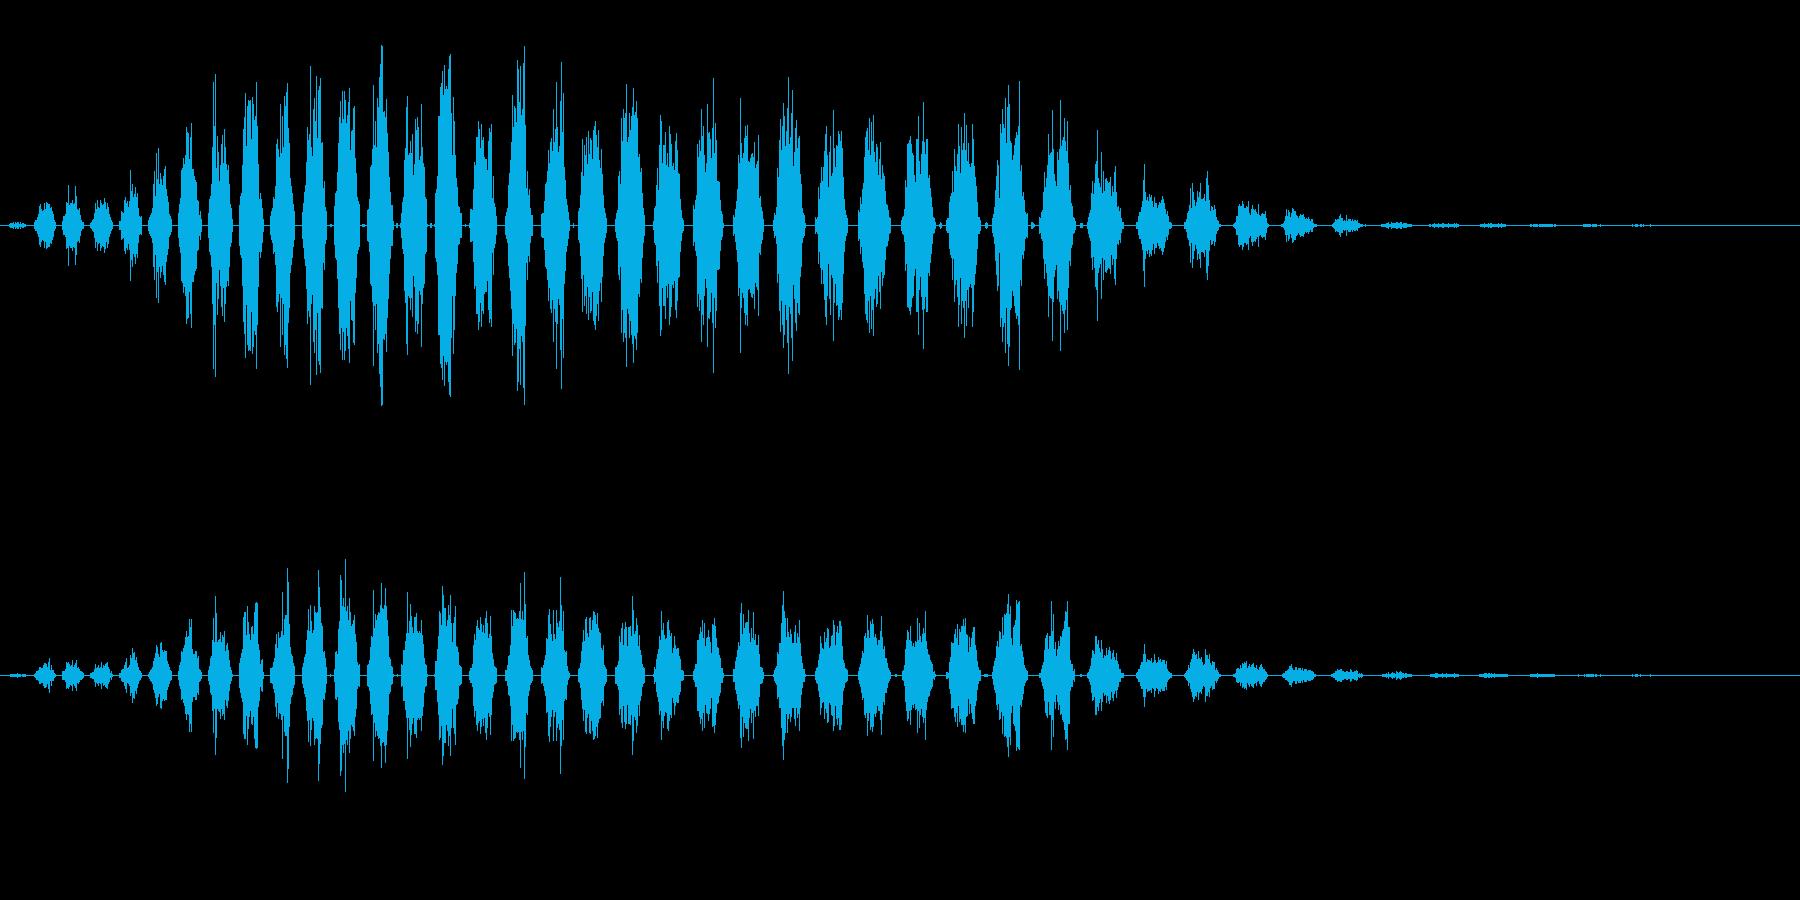 シャララ系ダウン(シュルシュル)の再生済みの波形